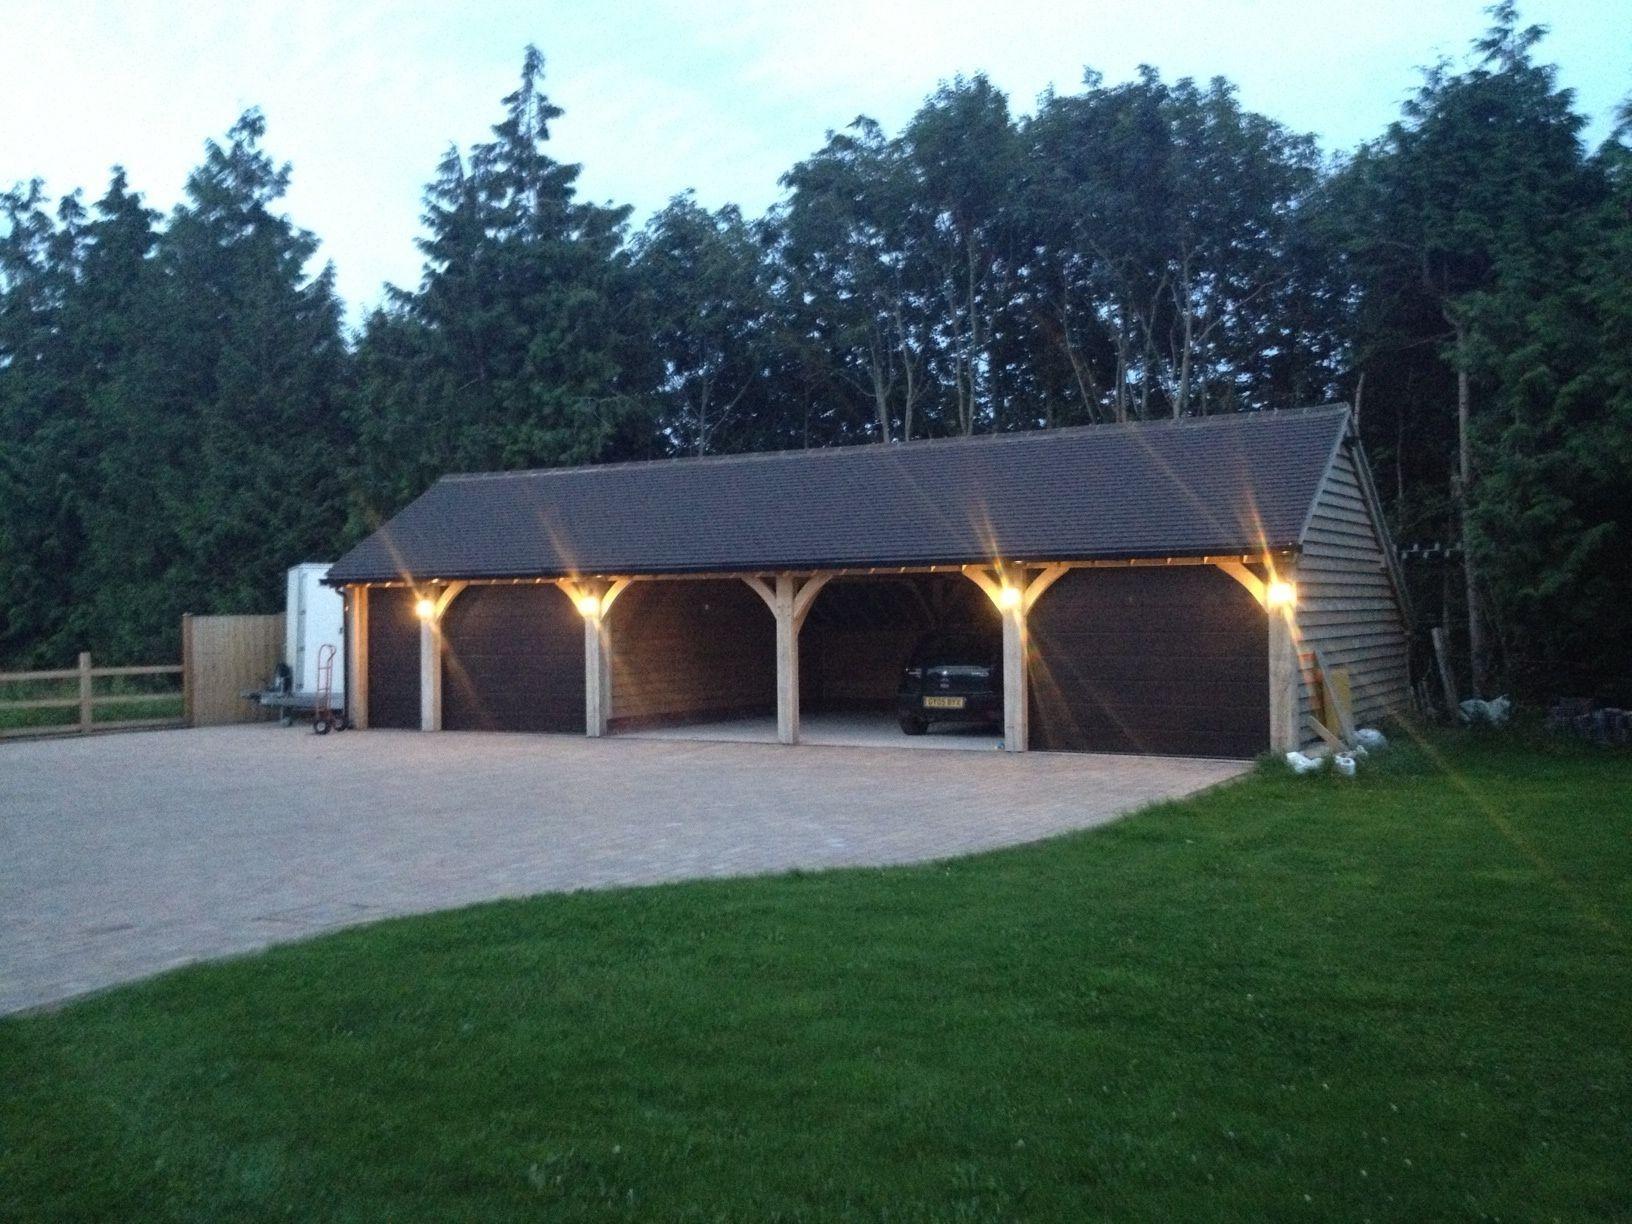 Story diese Garage an einem Hang, das Spitzdach auf der